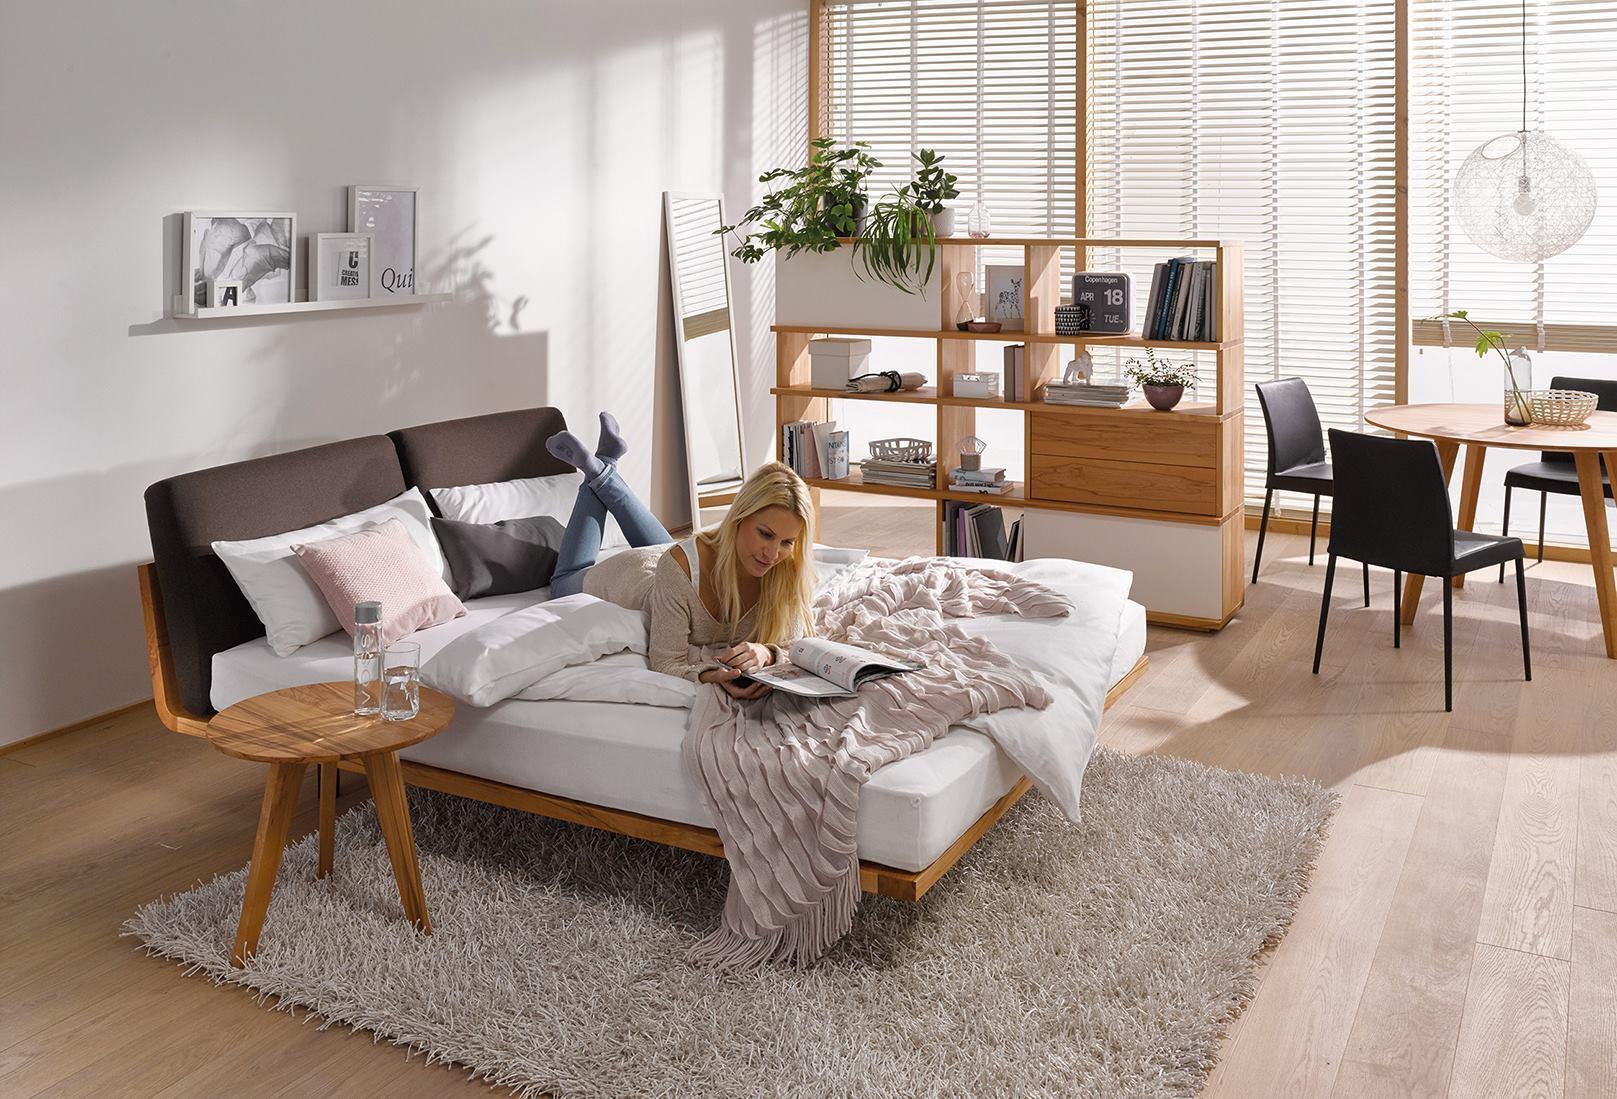 Holzmanufaktur Natürlicher Talalay Latex Kissengeschäft In Stuttgart Bw